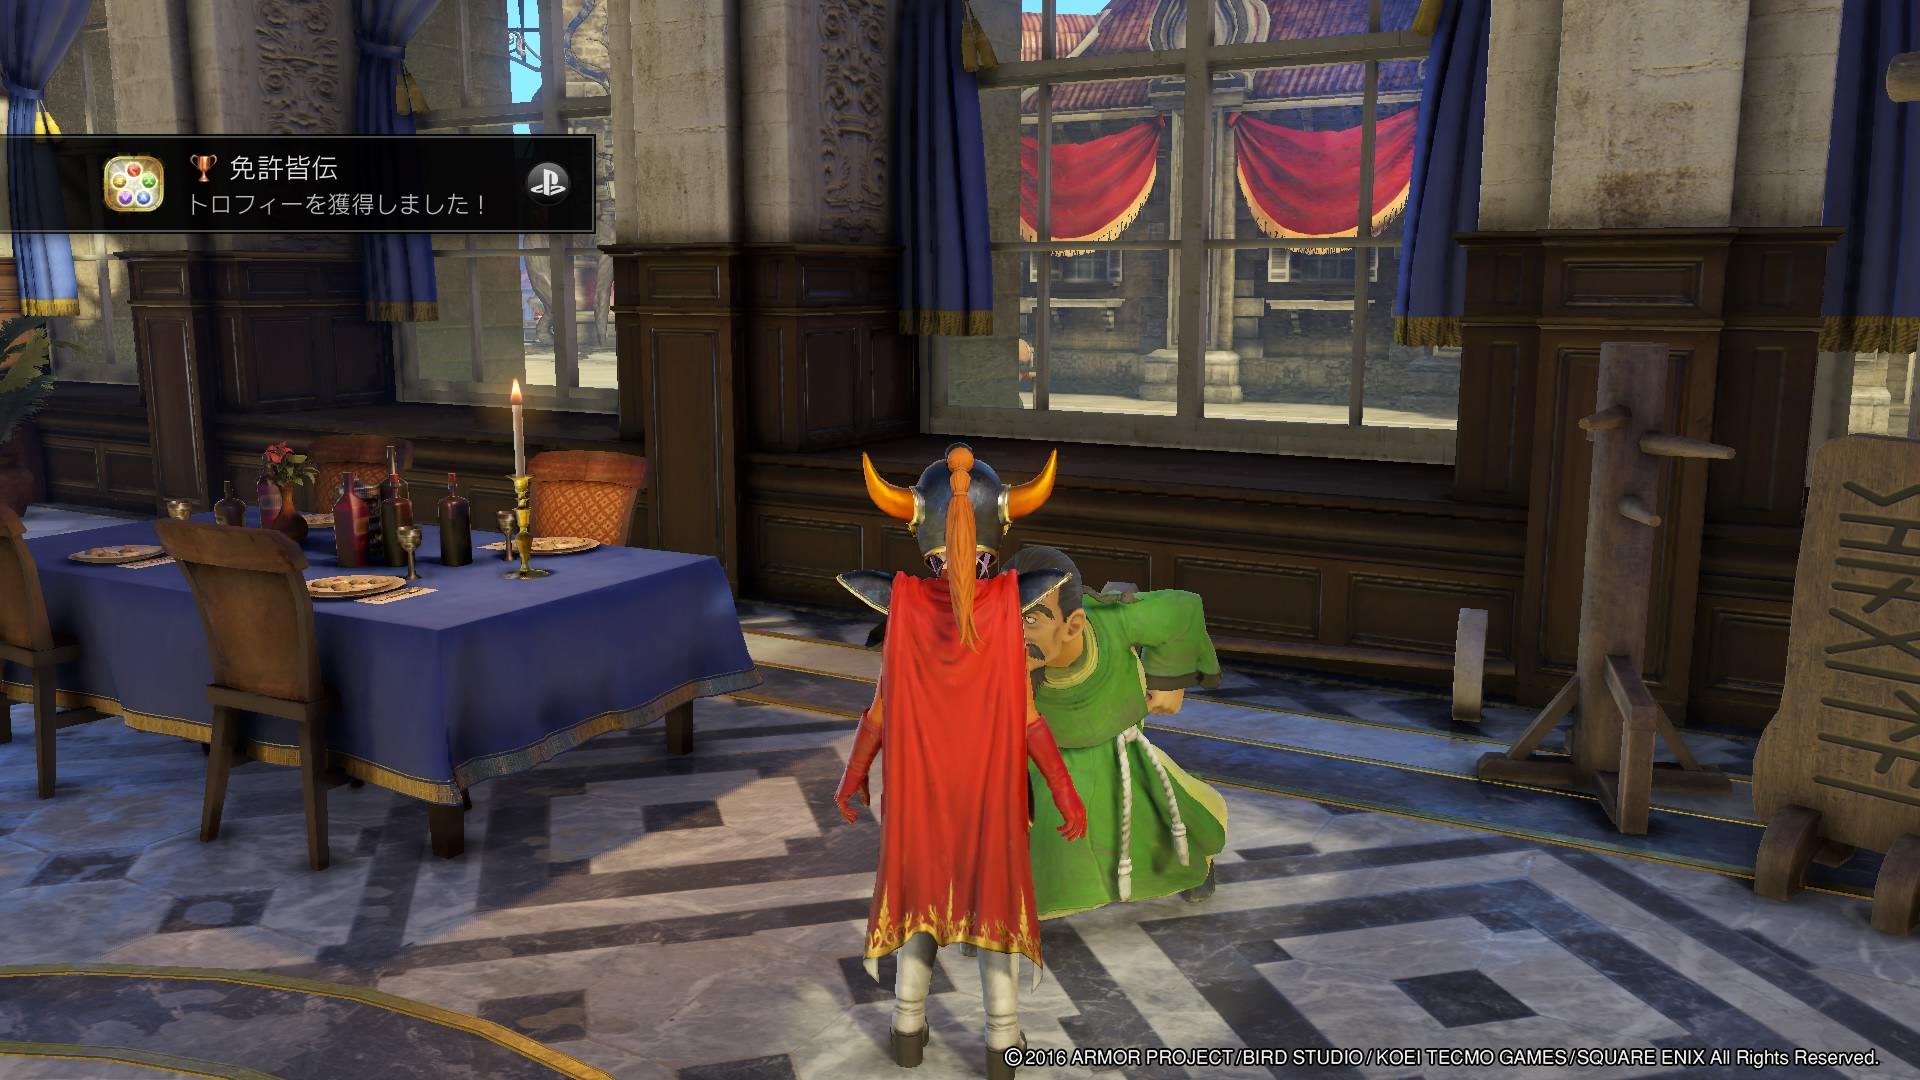 ドラゴンクエストヒーローズⅡ 双子の王と予言の終わり_20160706022404